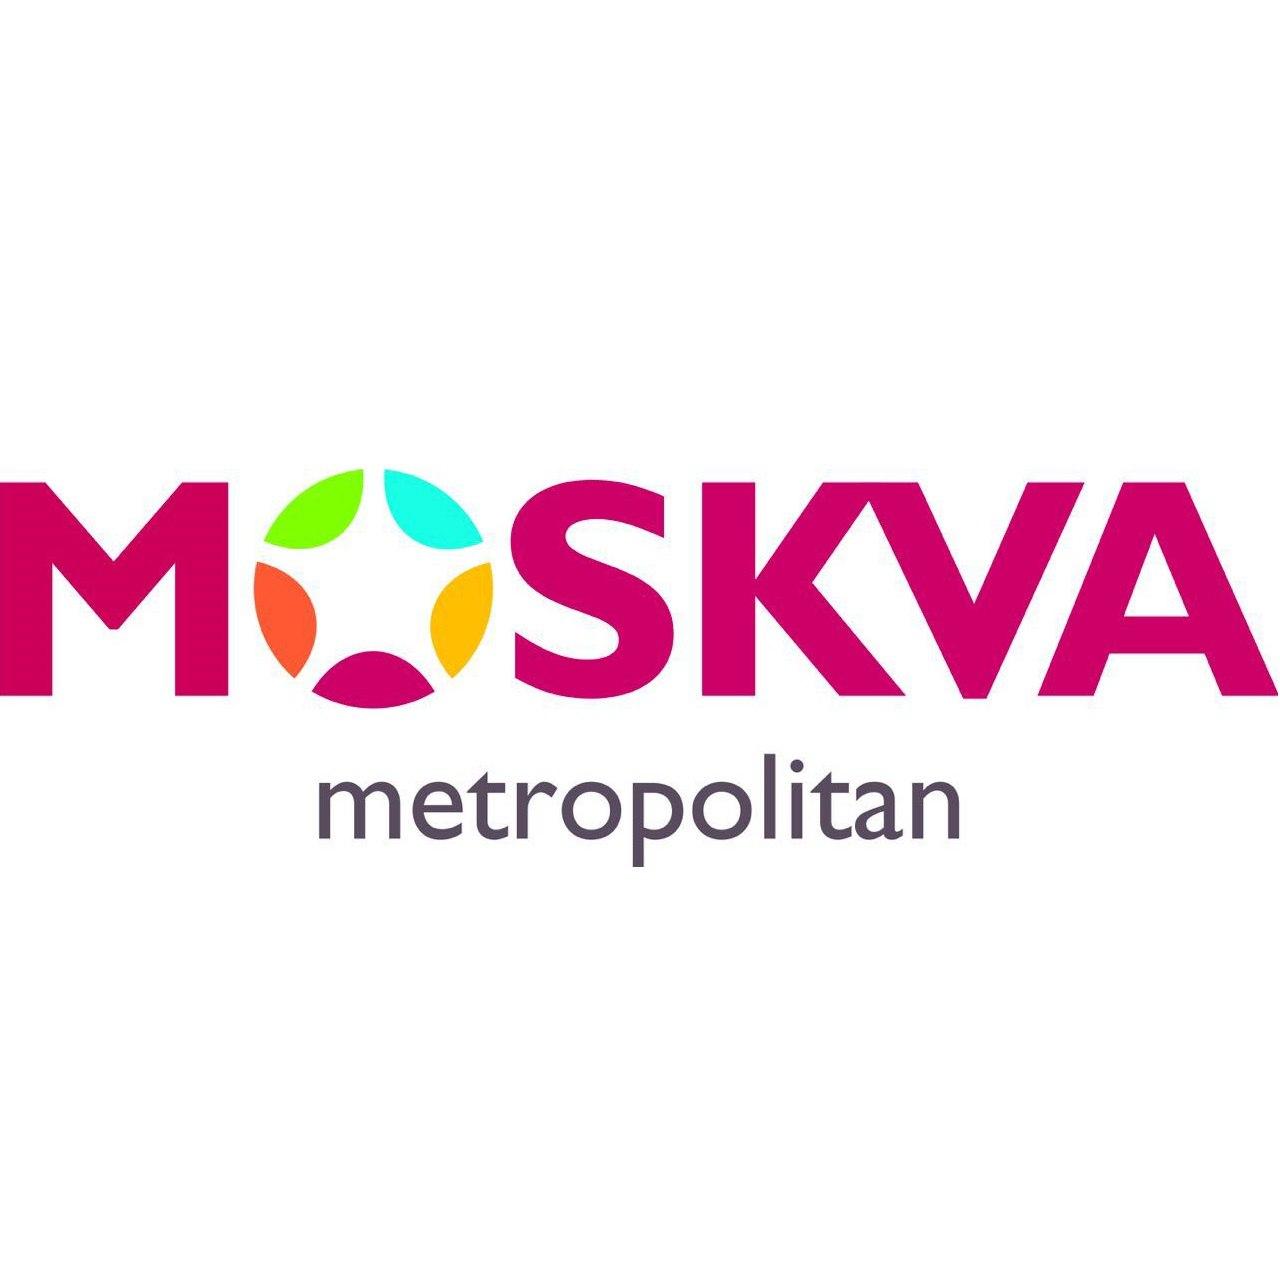 ТРЦ Moskva Metropolitan